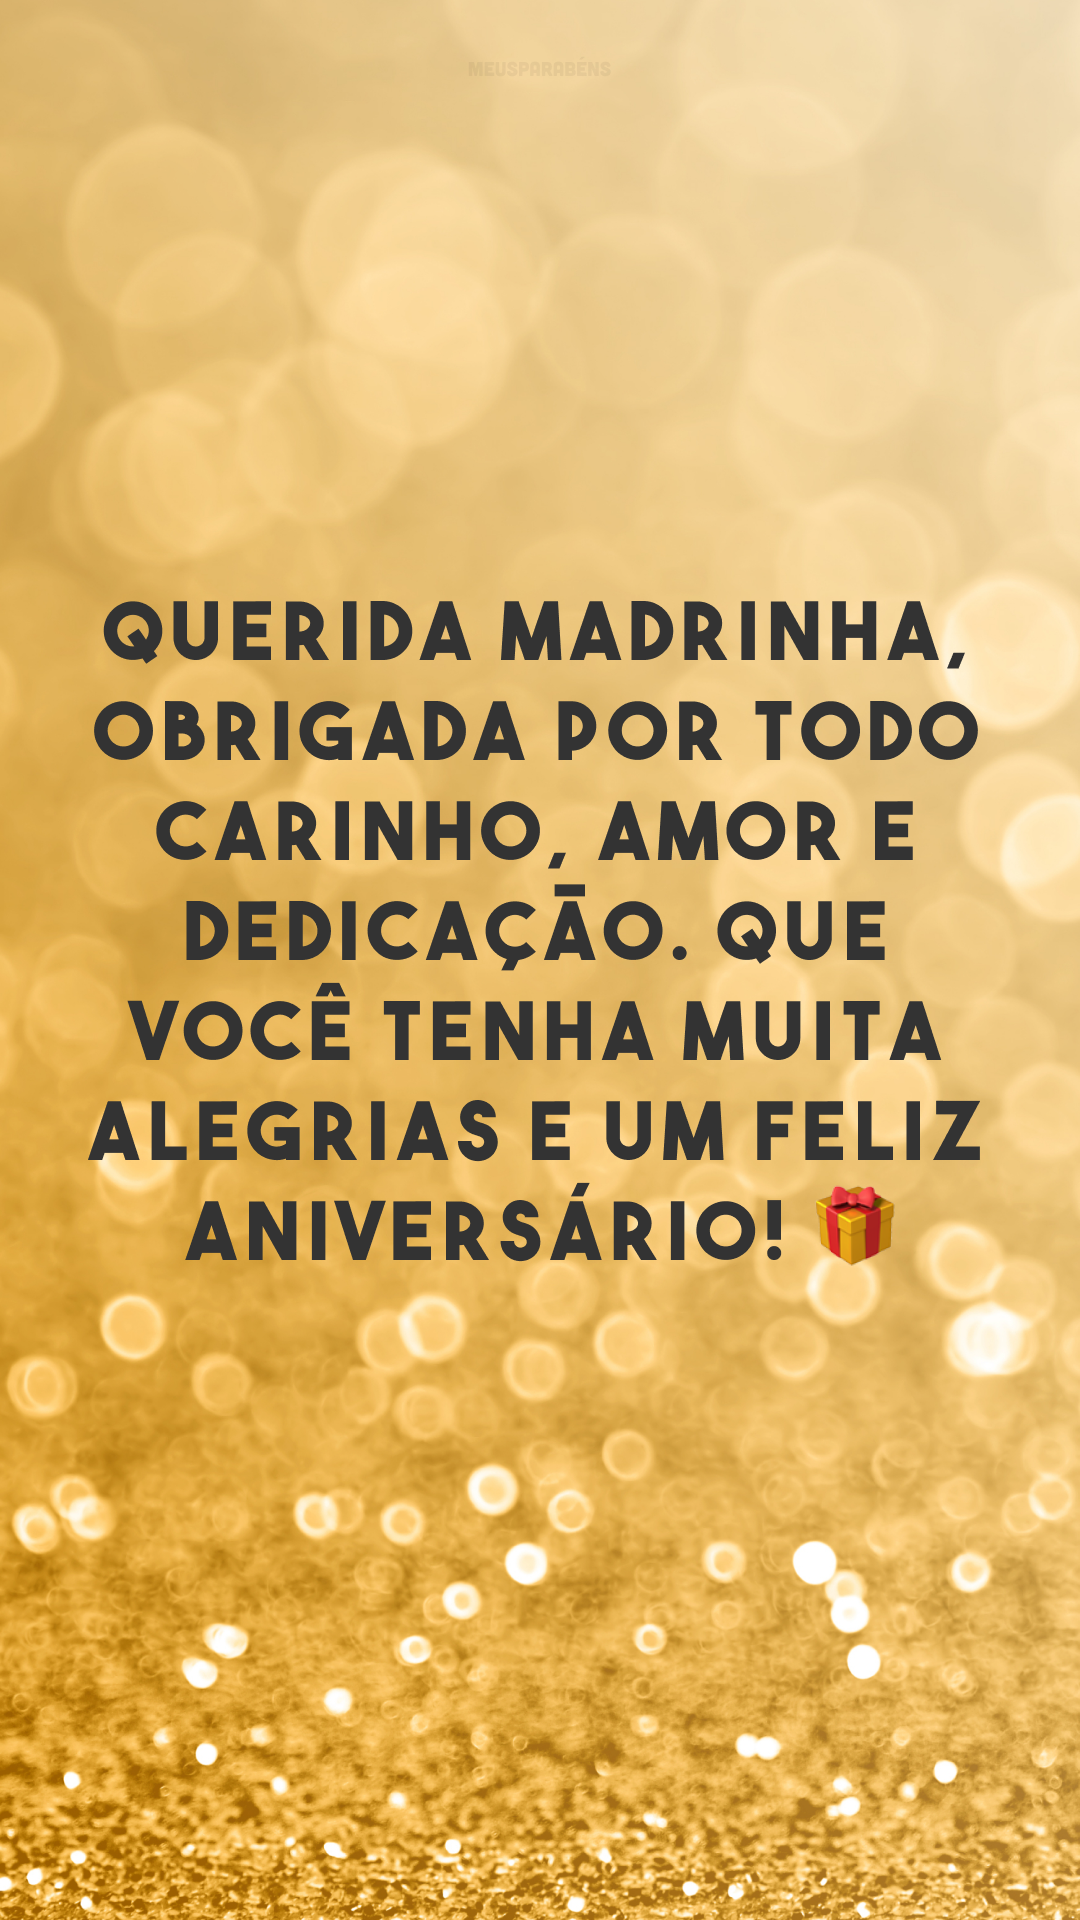 Querida madrinha, obrigada por todo carinho, amor e dedicação. Que você tenha muita alegrias e um feliz aniversário! 🎁